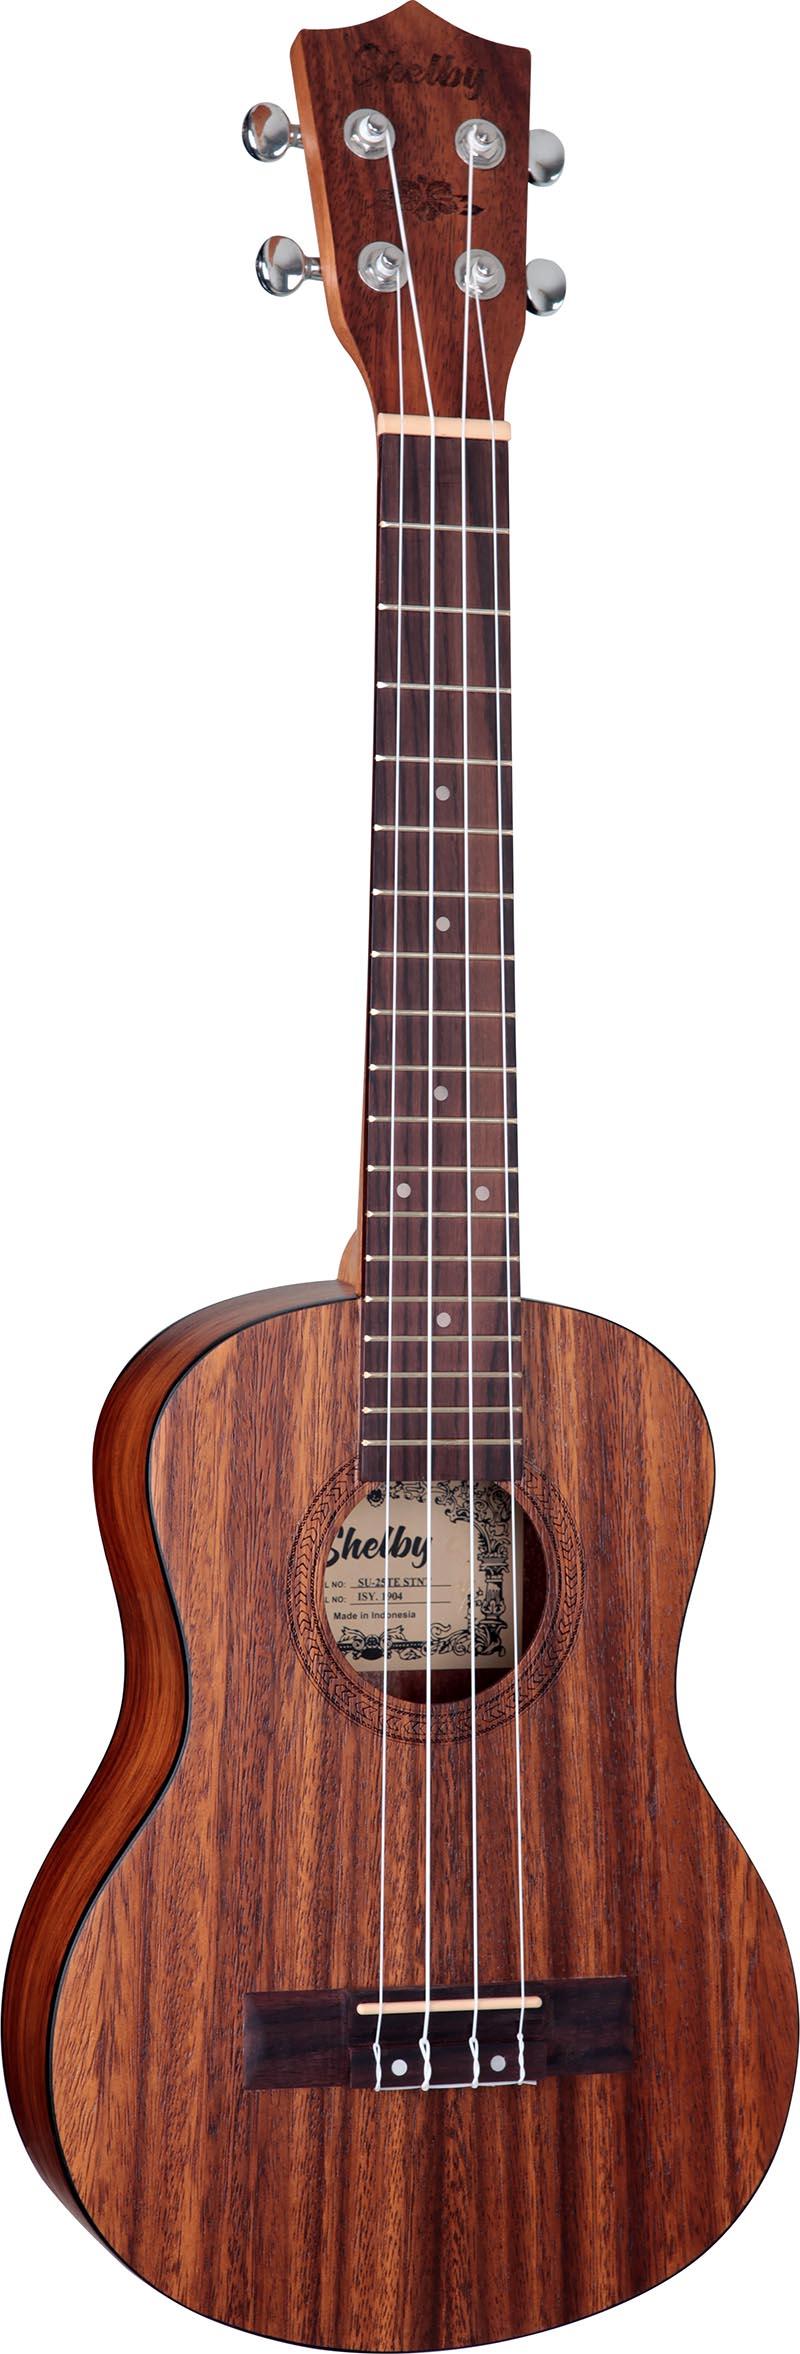 su25t ukulele tenor shelby su25t stnt teca acetinado visao frontal vertical